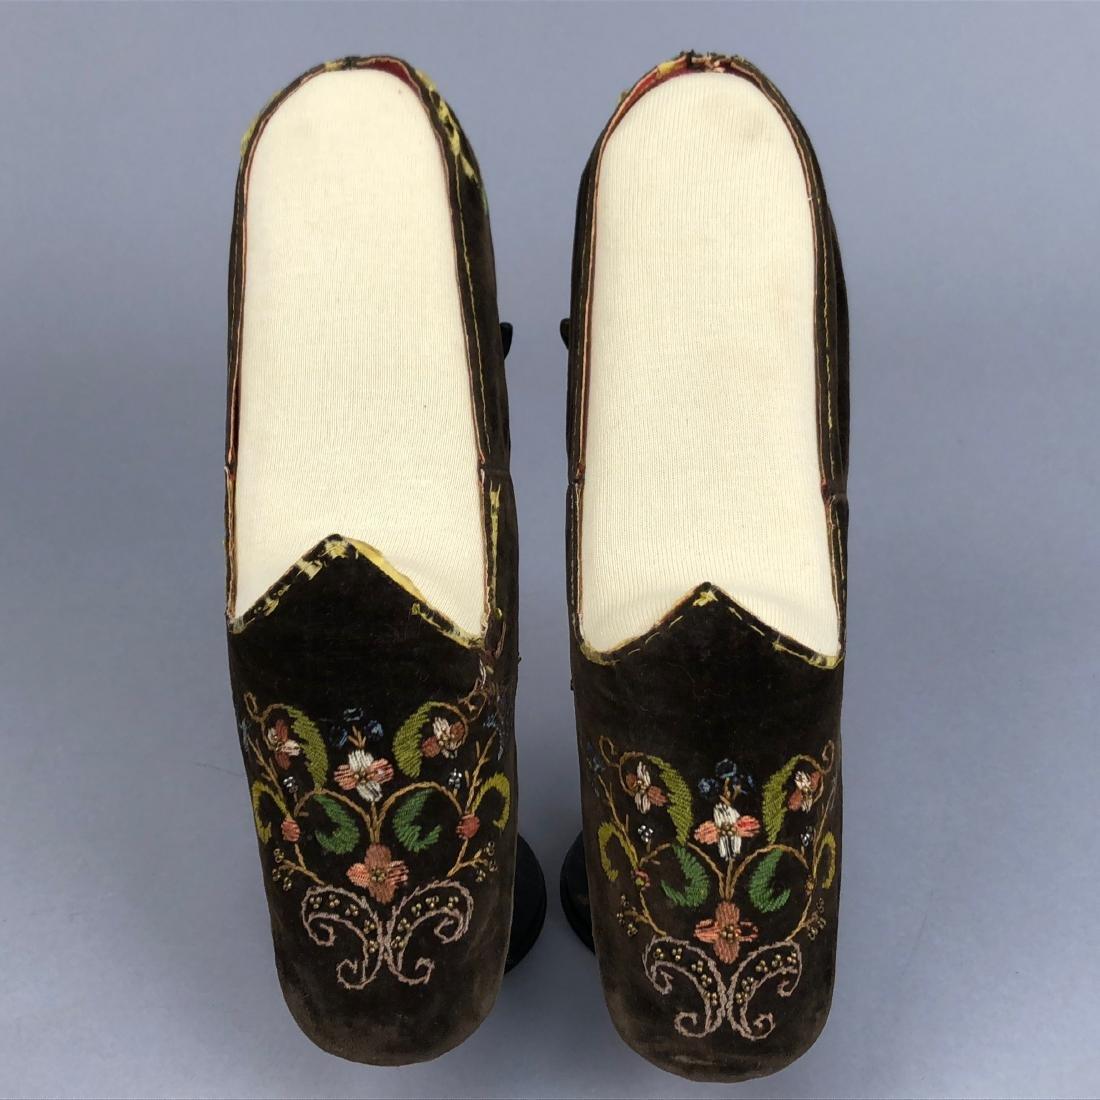 THREE PAIR WOMEN'S SLIPPERS, 1840s - 1850s - 7